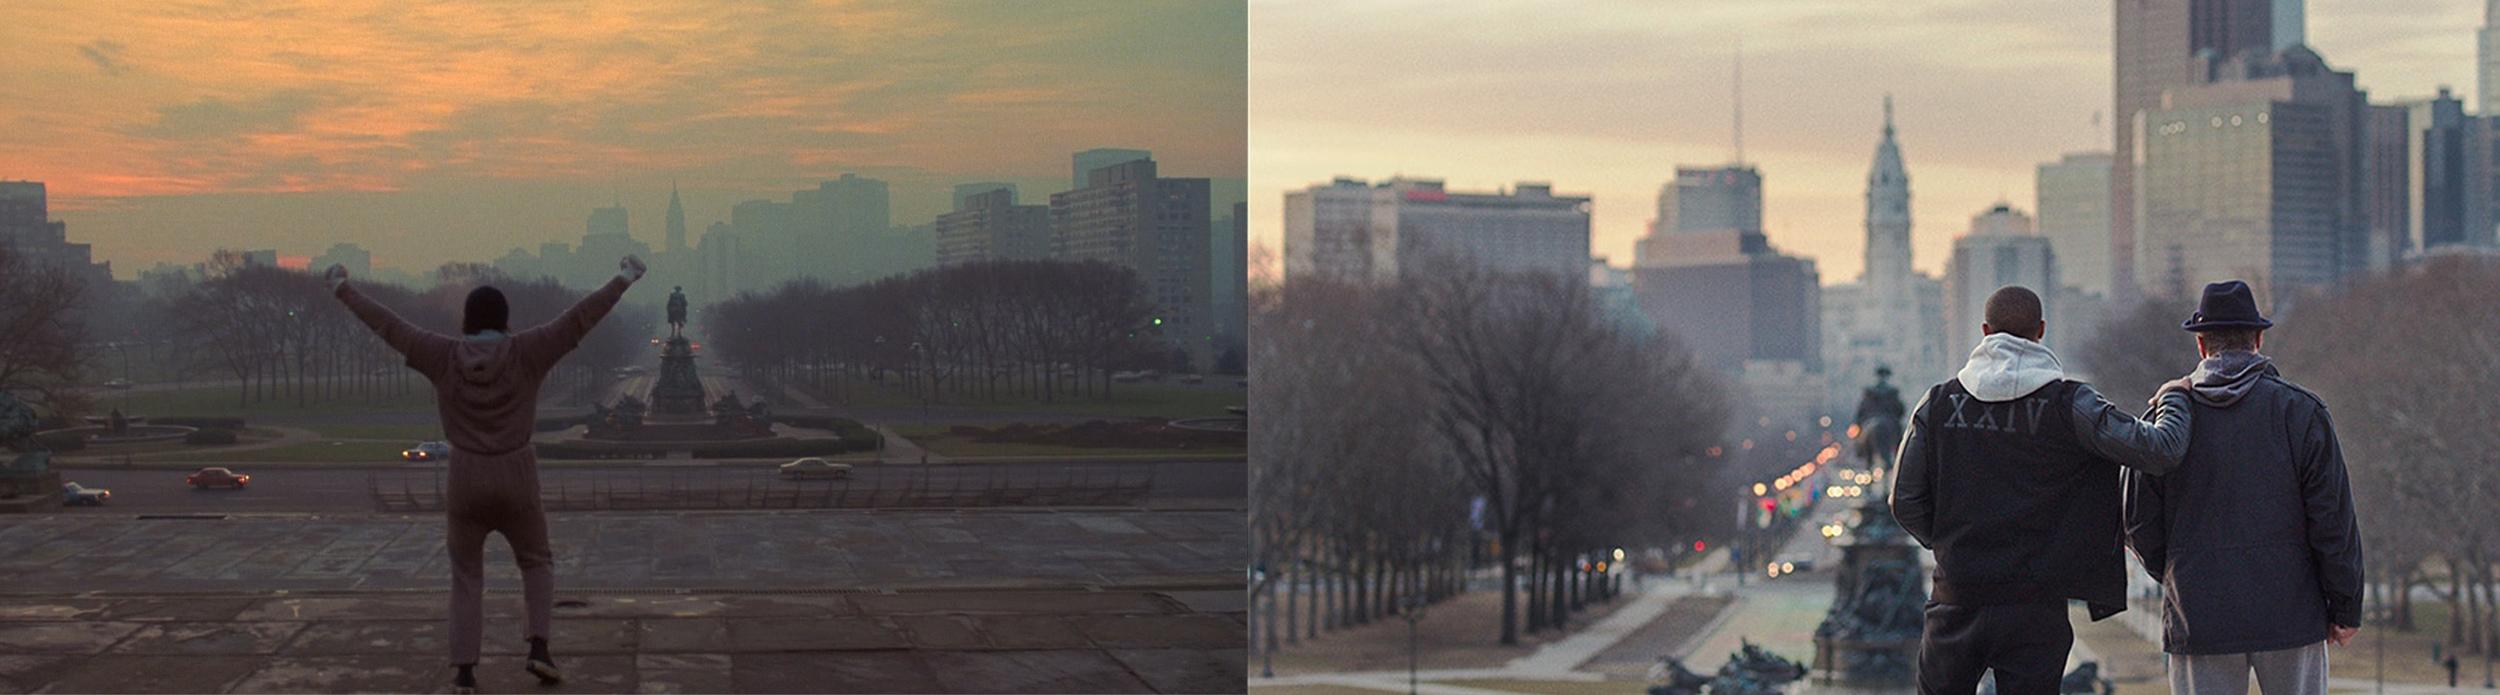 Rocky  (1976) vs.  Creed  (2015)